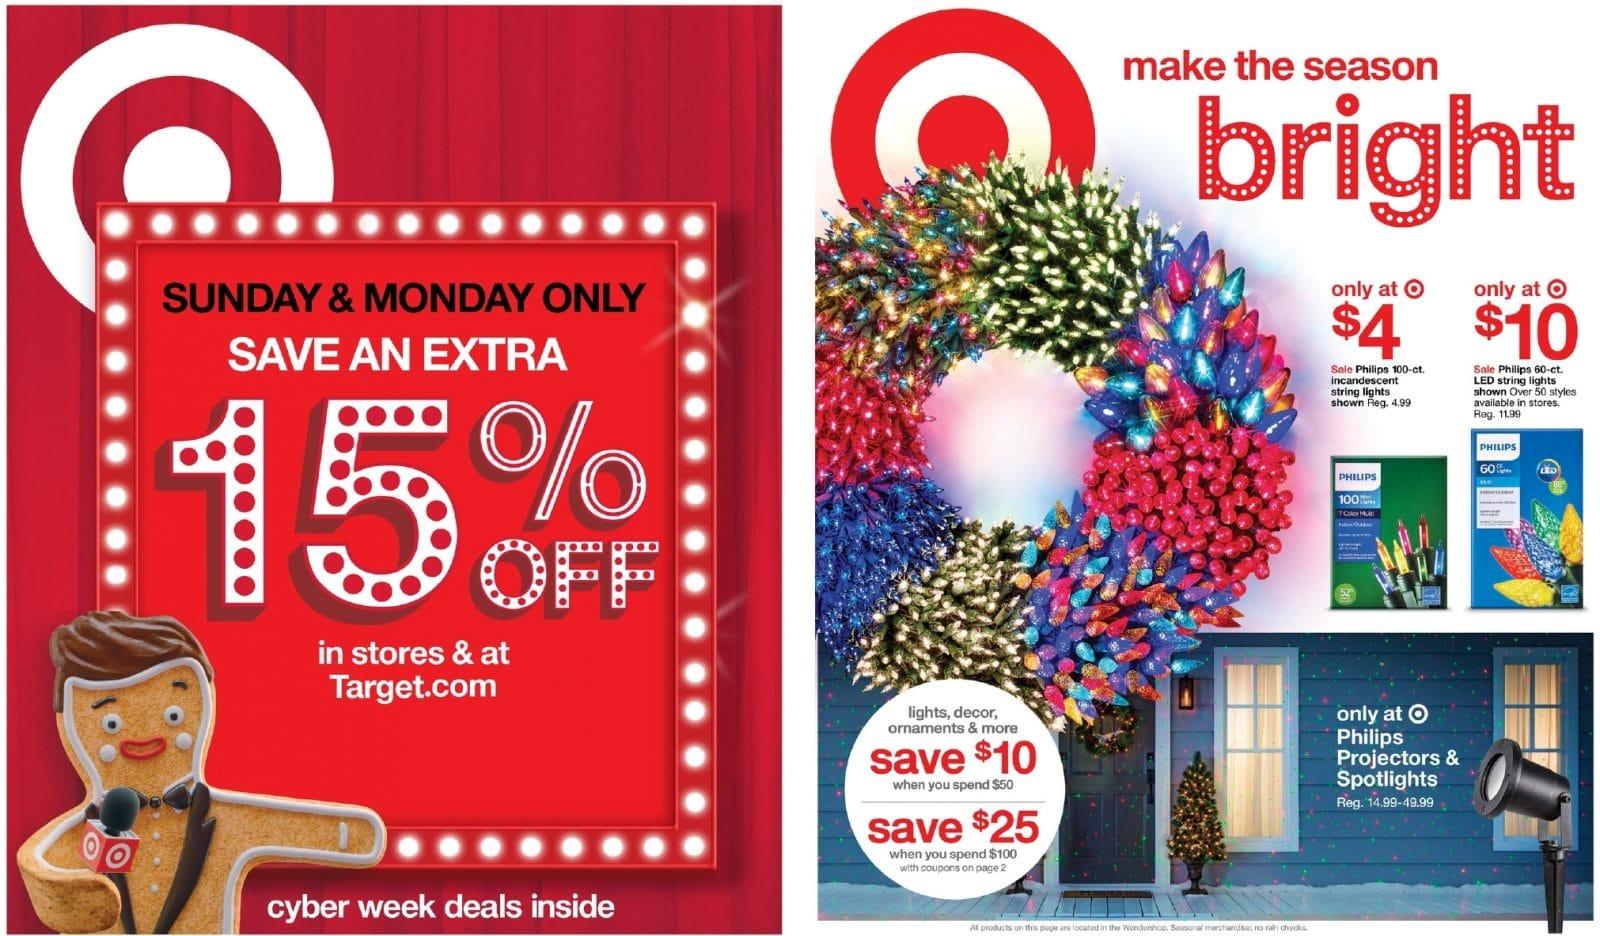 Target Cyber Week